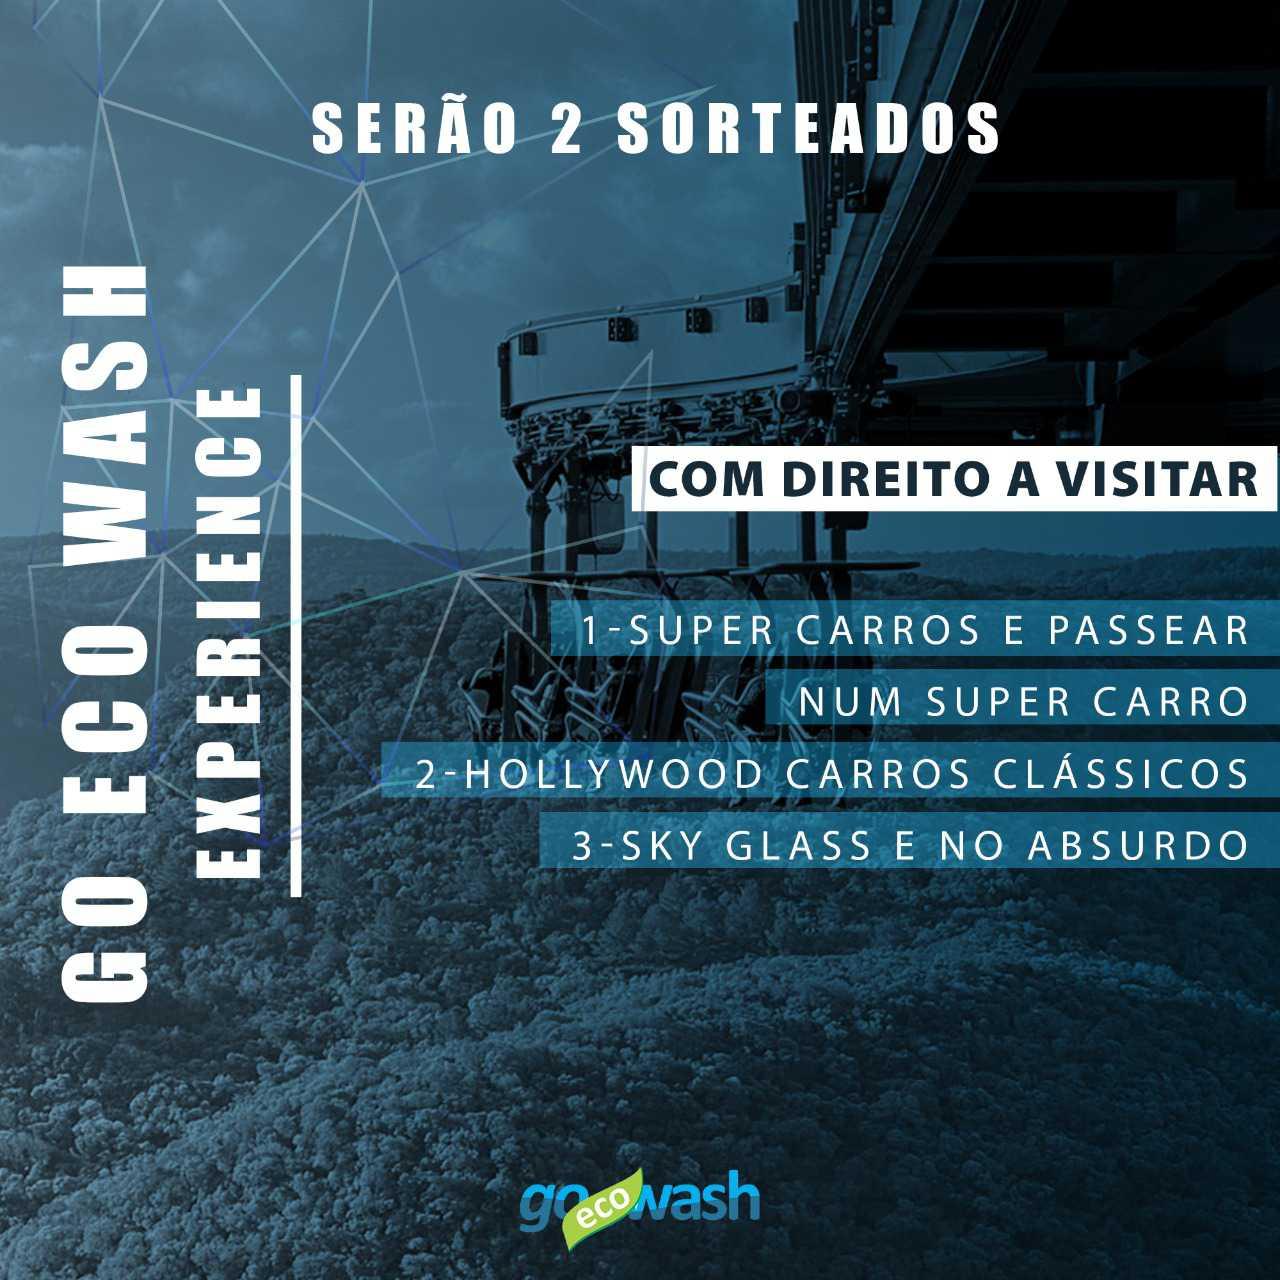 Mentoria Gabriel Amaral + Workshop + Reinauguração  - Loja Go Eco Wash